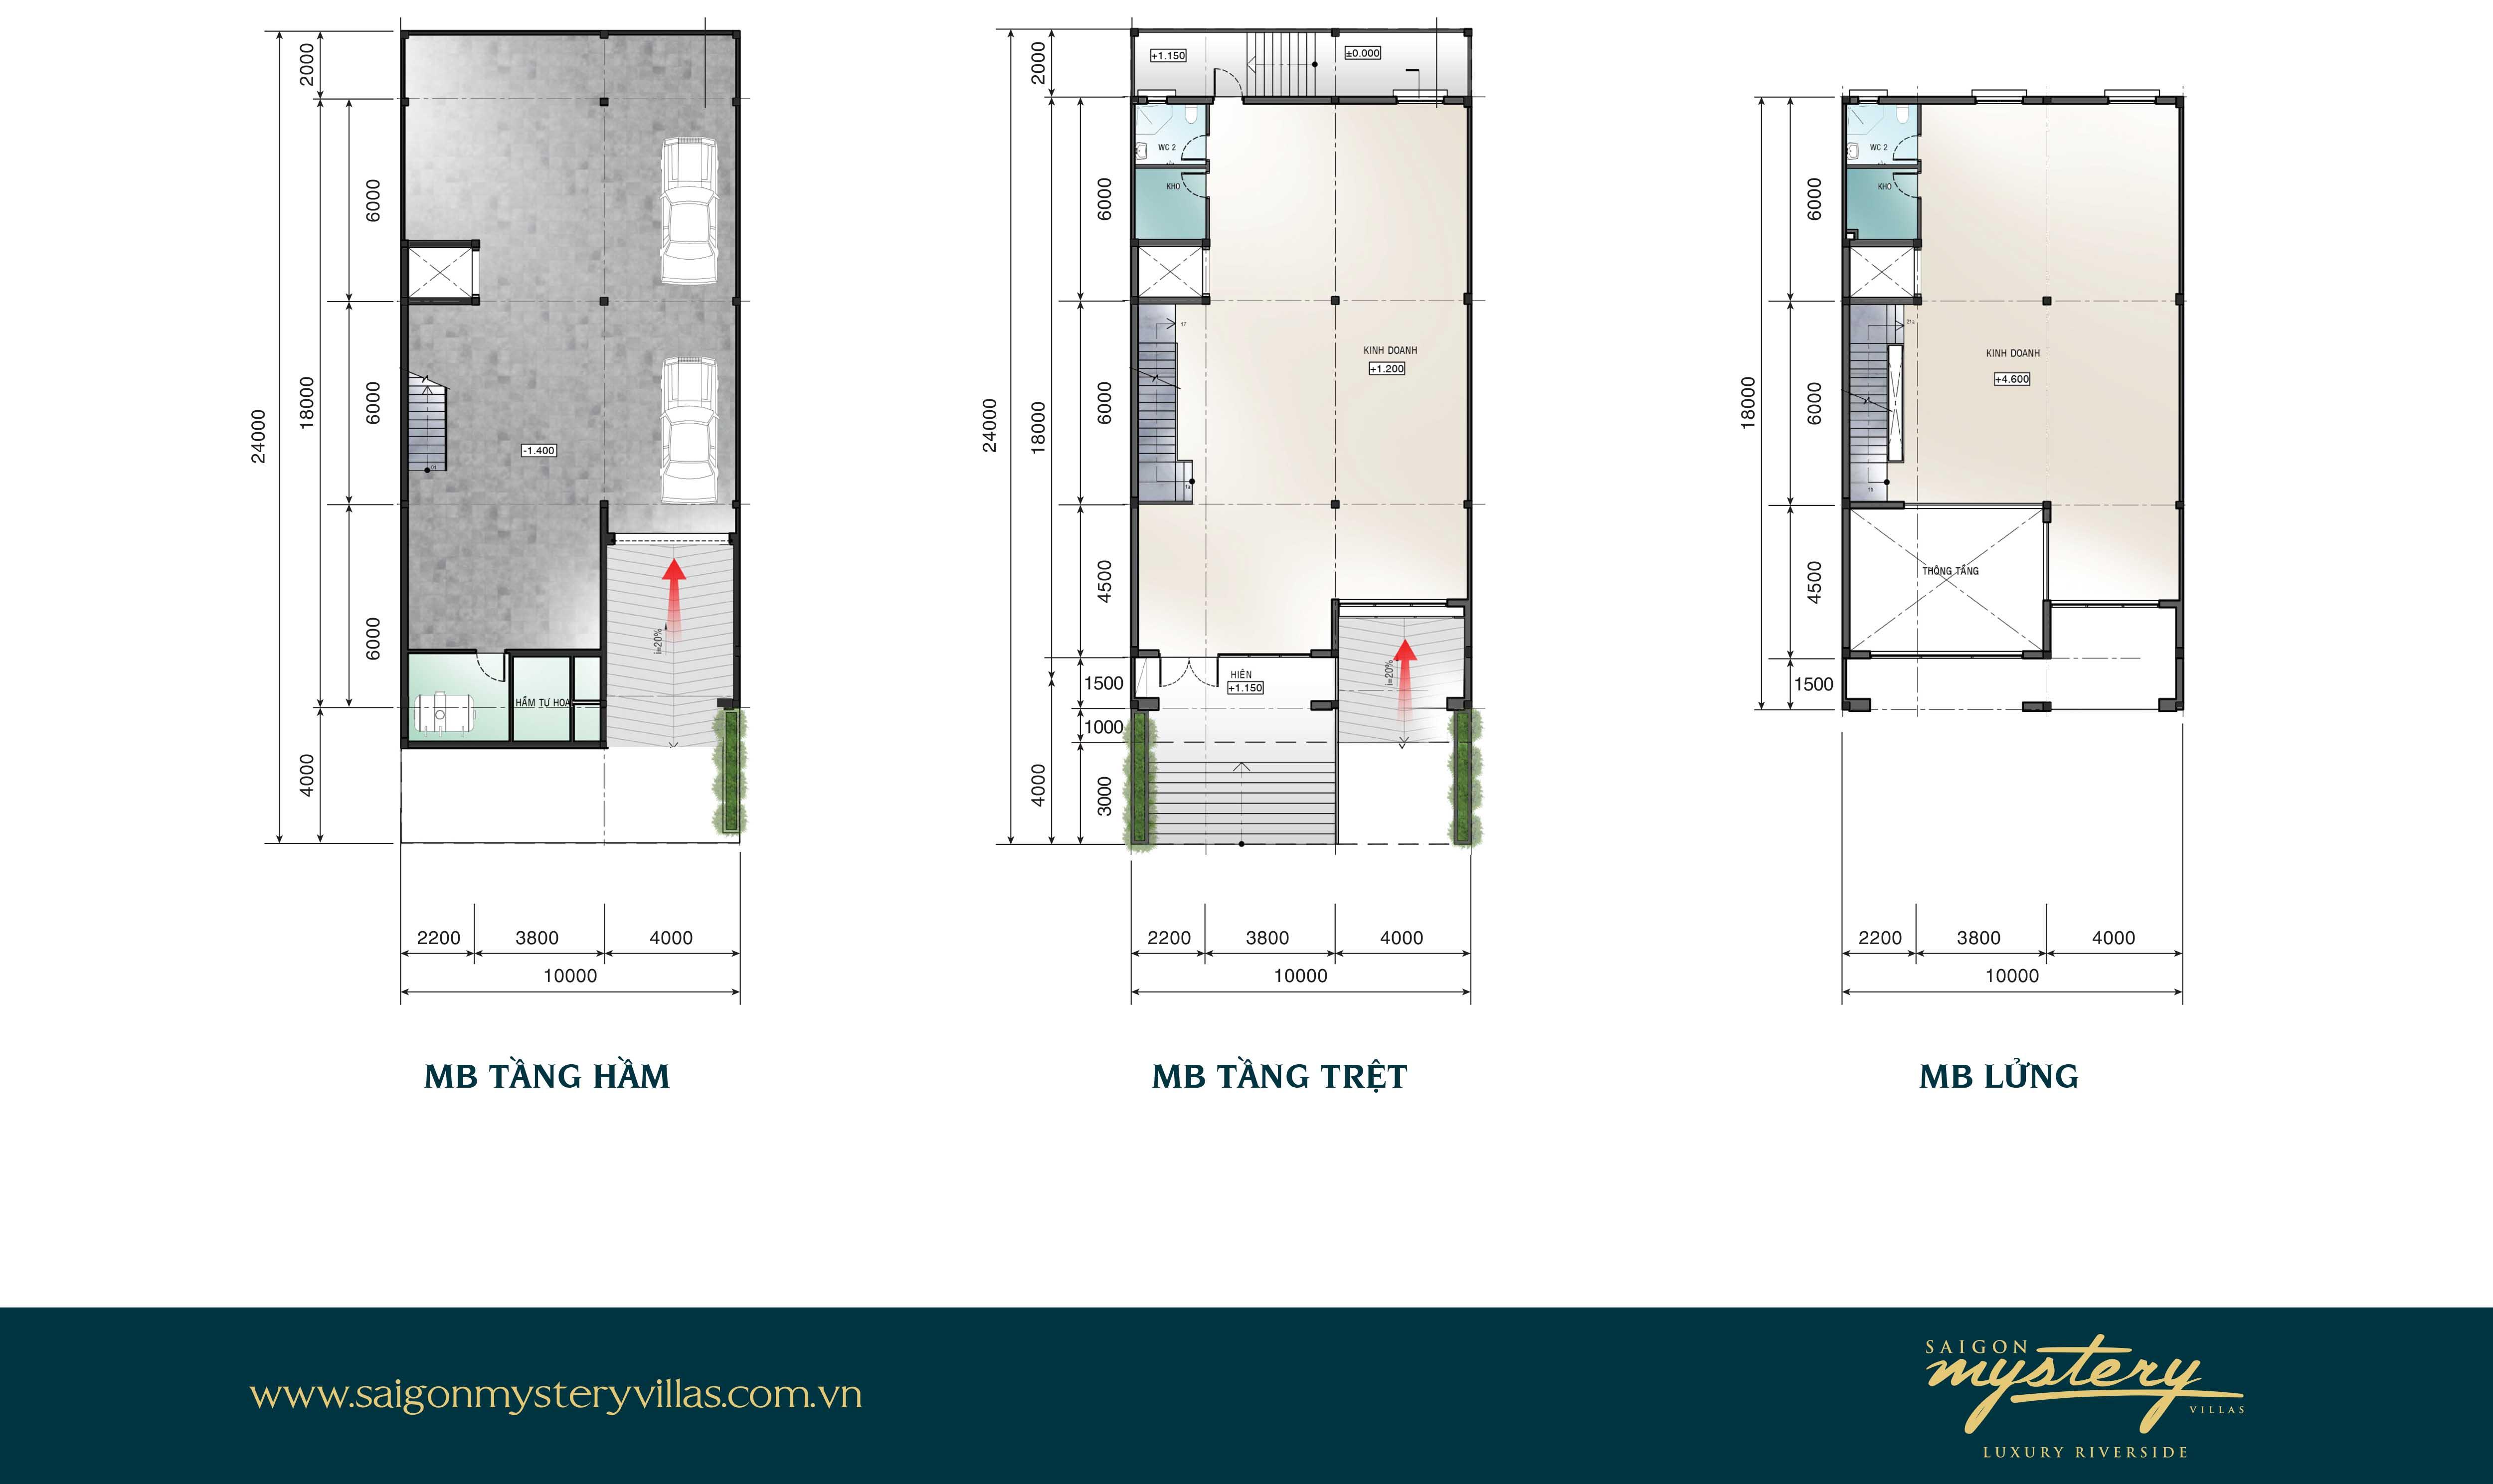 Mẫu nhà phố liên kế LK-M34 Saigon Mystery Villas Quận 2